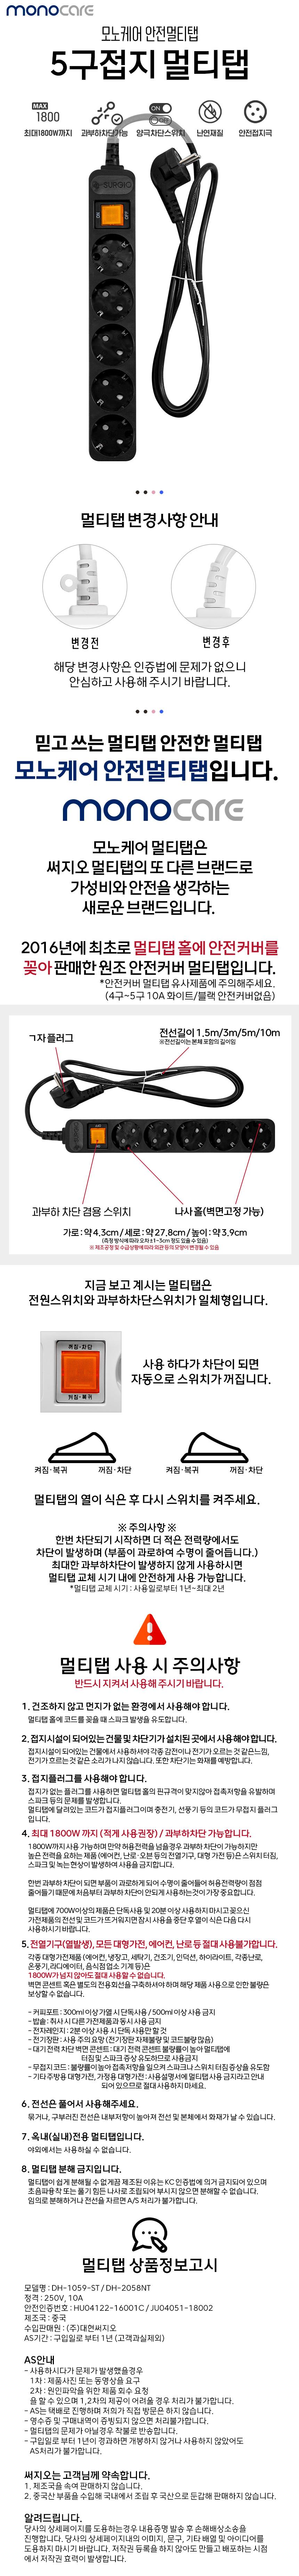 대현써지오 대현써지오 모노케어 5구 10A 메인 스위치 멀티탭 블랙 (5m)